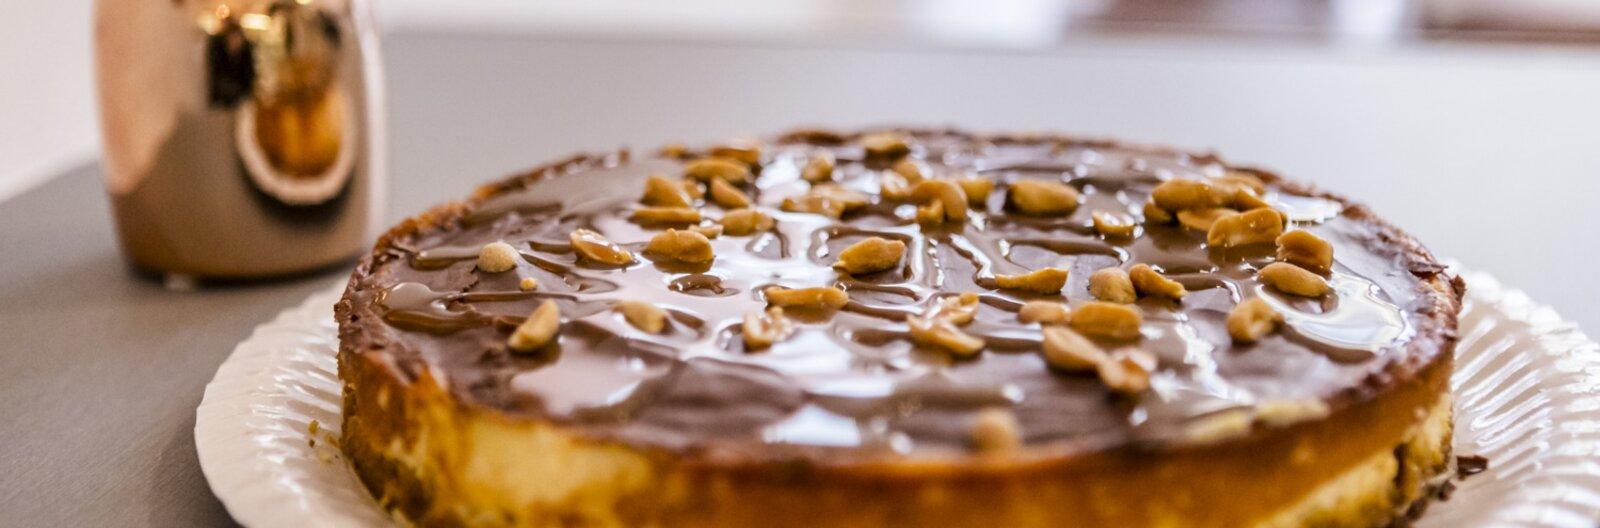 Büntetlen örömök – budapesti cukrászdák és pékségek, ahol remek mentes sütiket kaphatsz